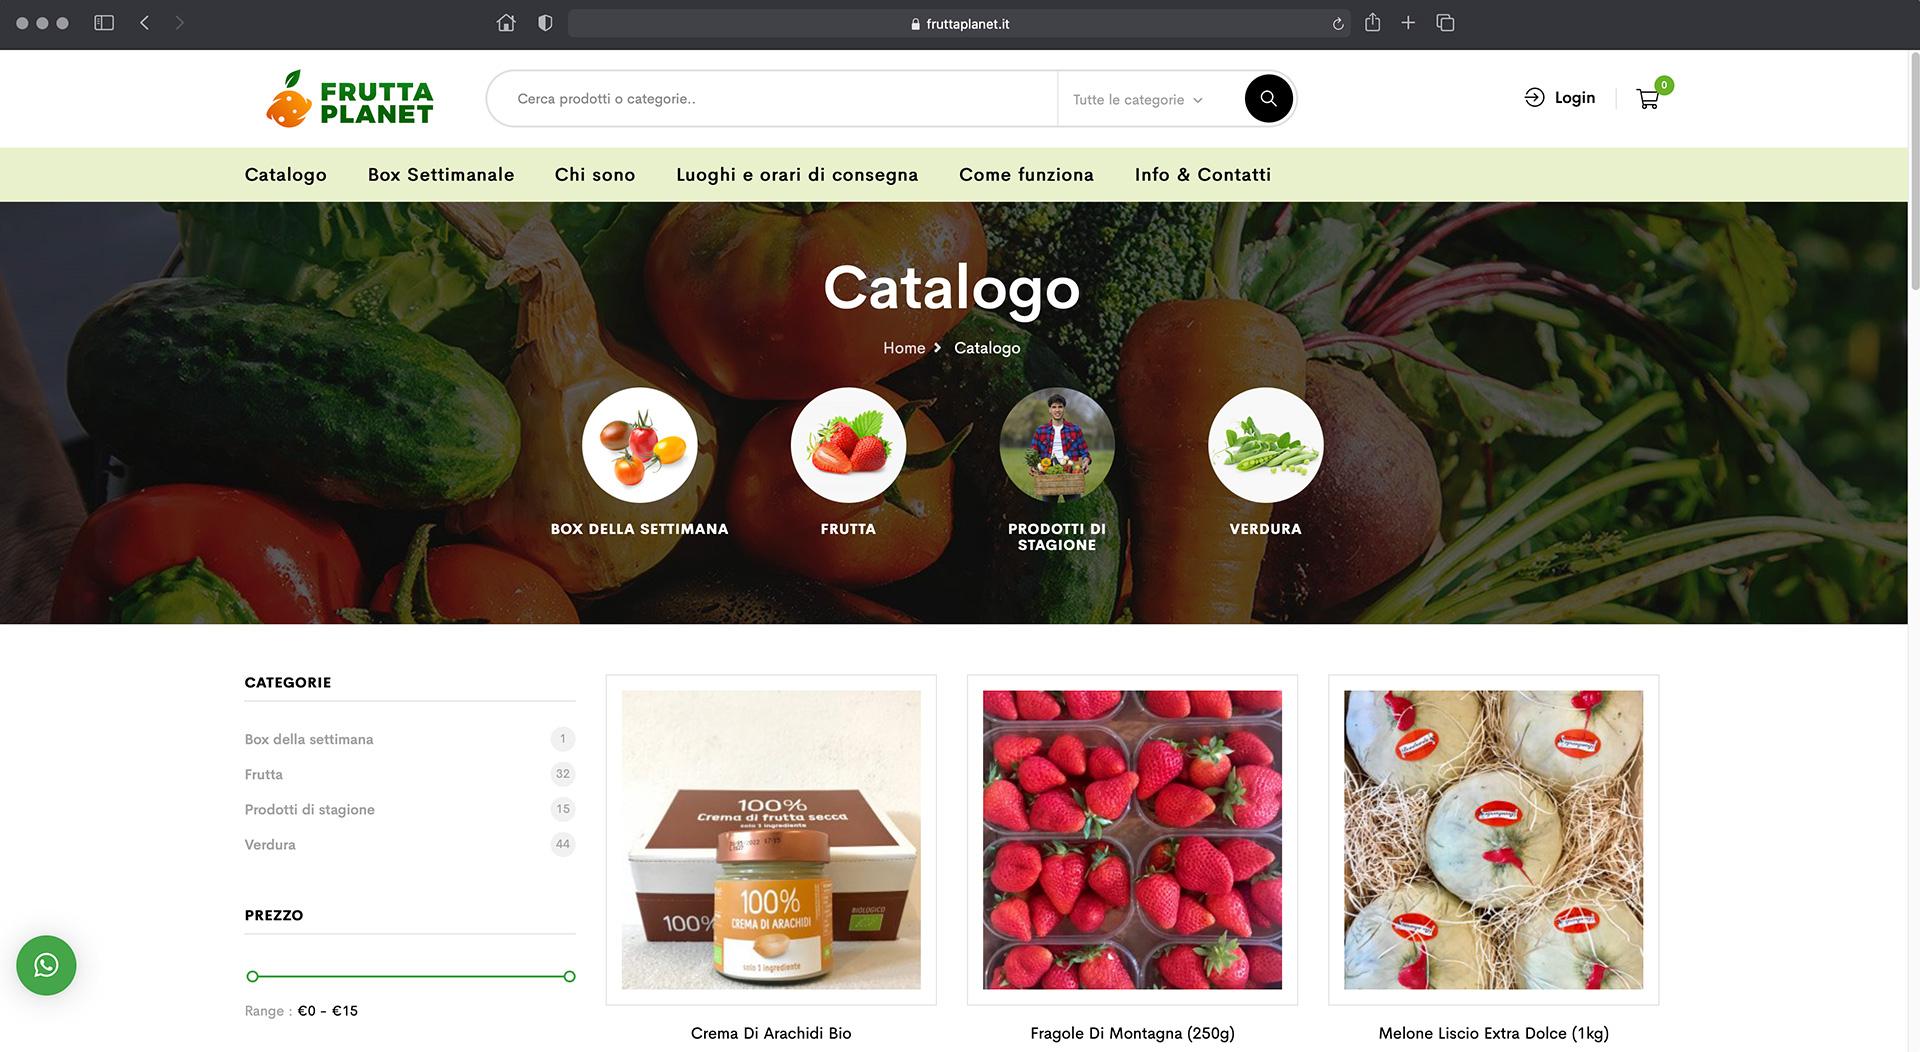 realizzazione-sito-web-ecommerce-fruttivendolo-negozio-frutta-online-brescia-mantova_06